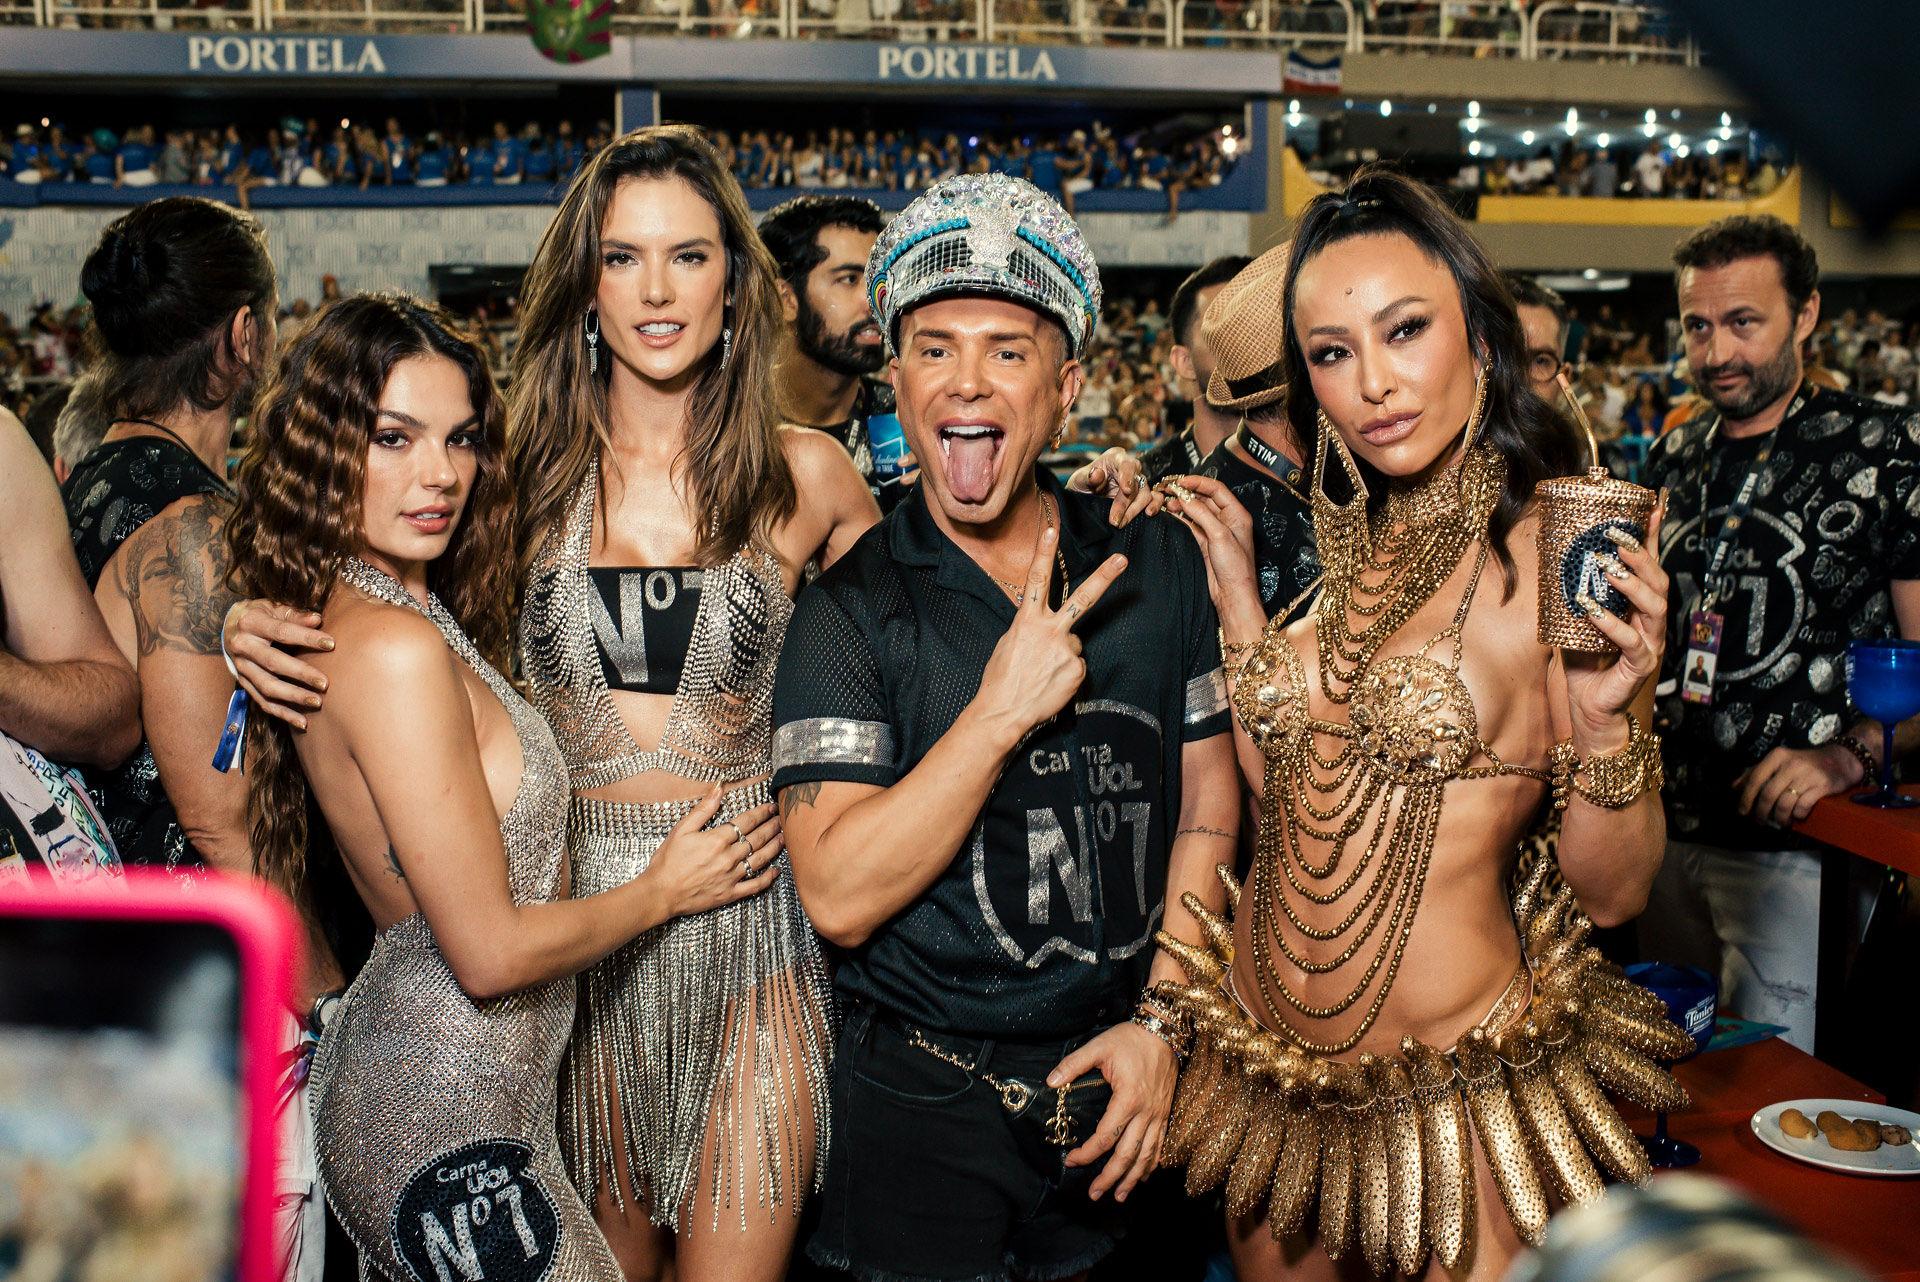 Camarote CarnaUOL N°1 enaltece o samba carioca em sua primeira noite de Carnaval